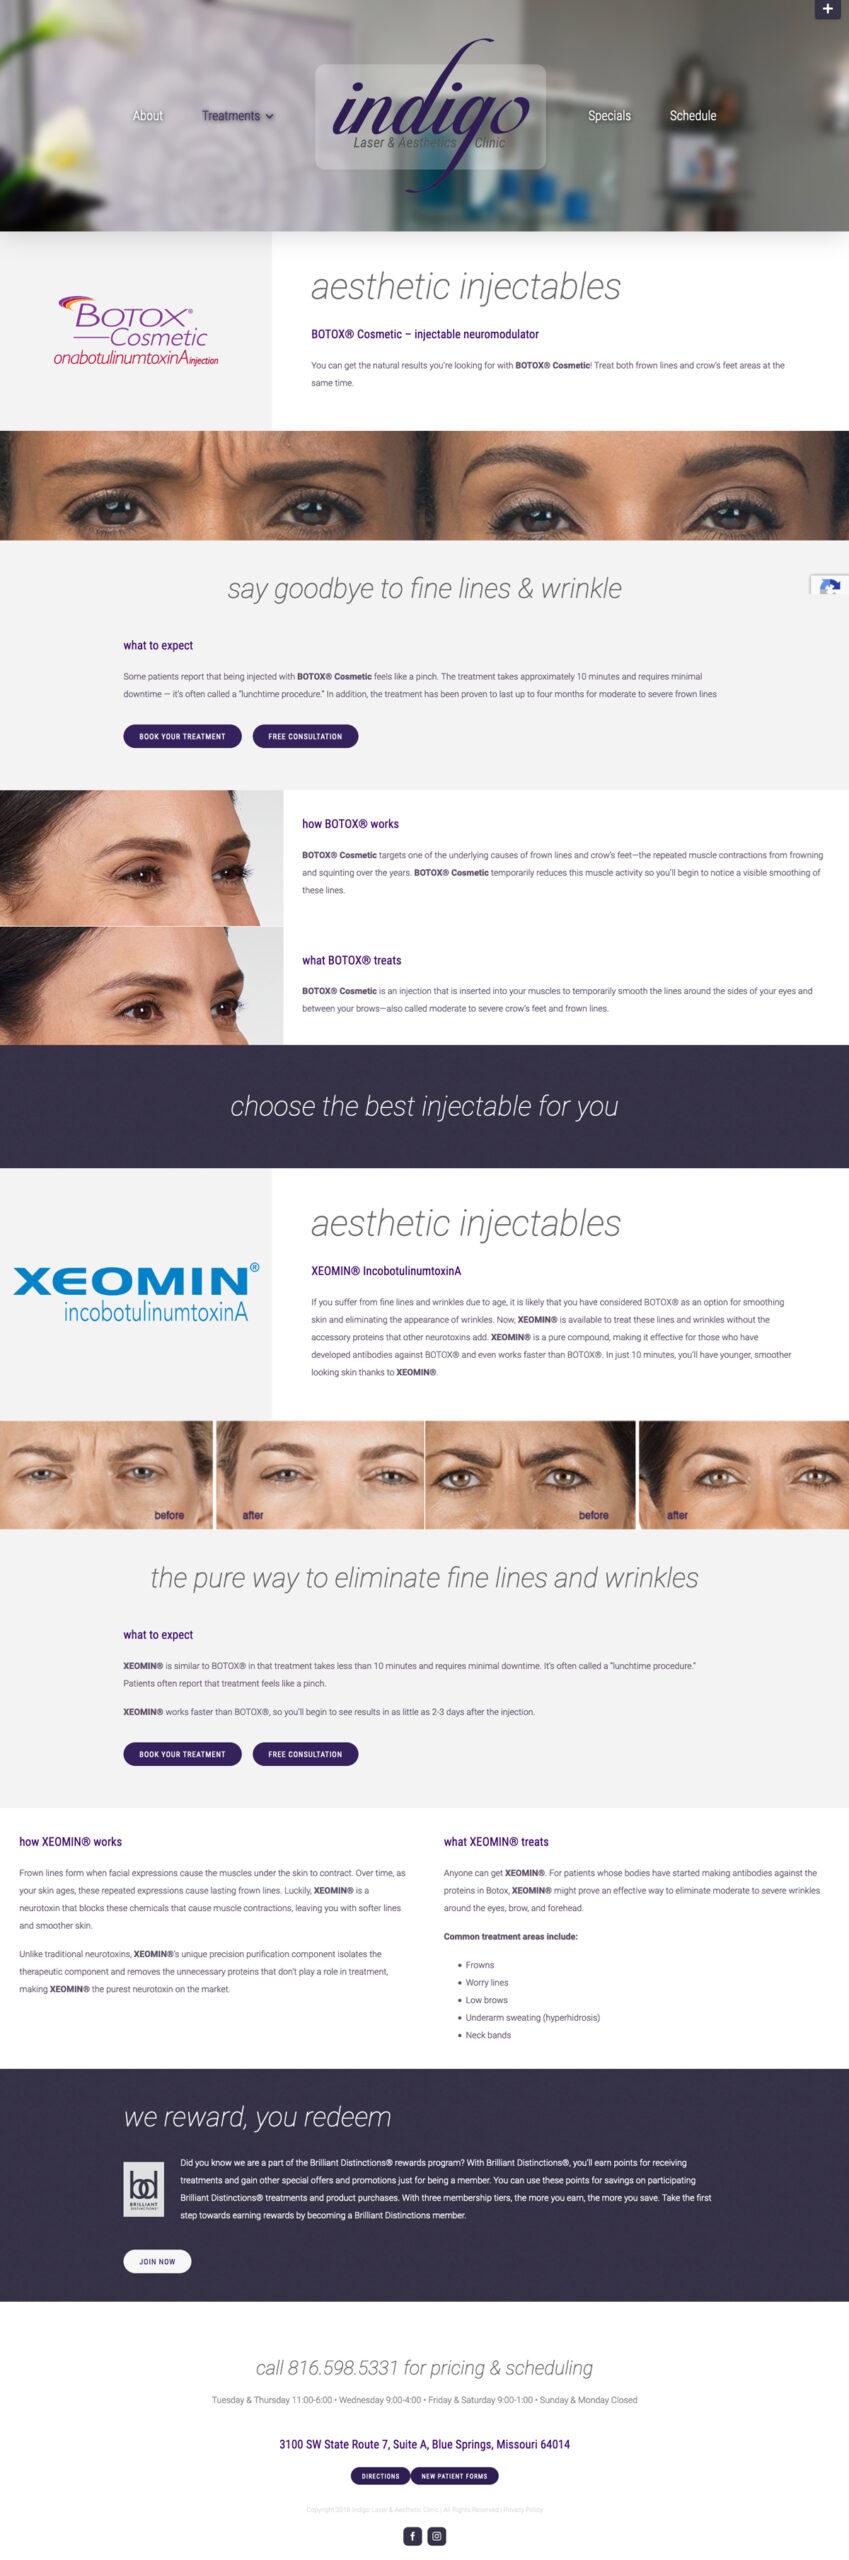 Small Business Website Design for Indigo Clinic